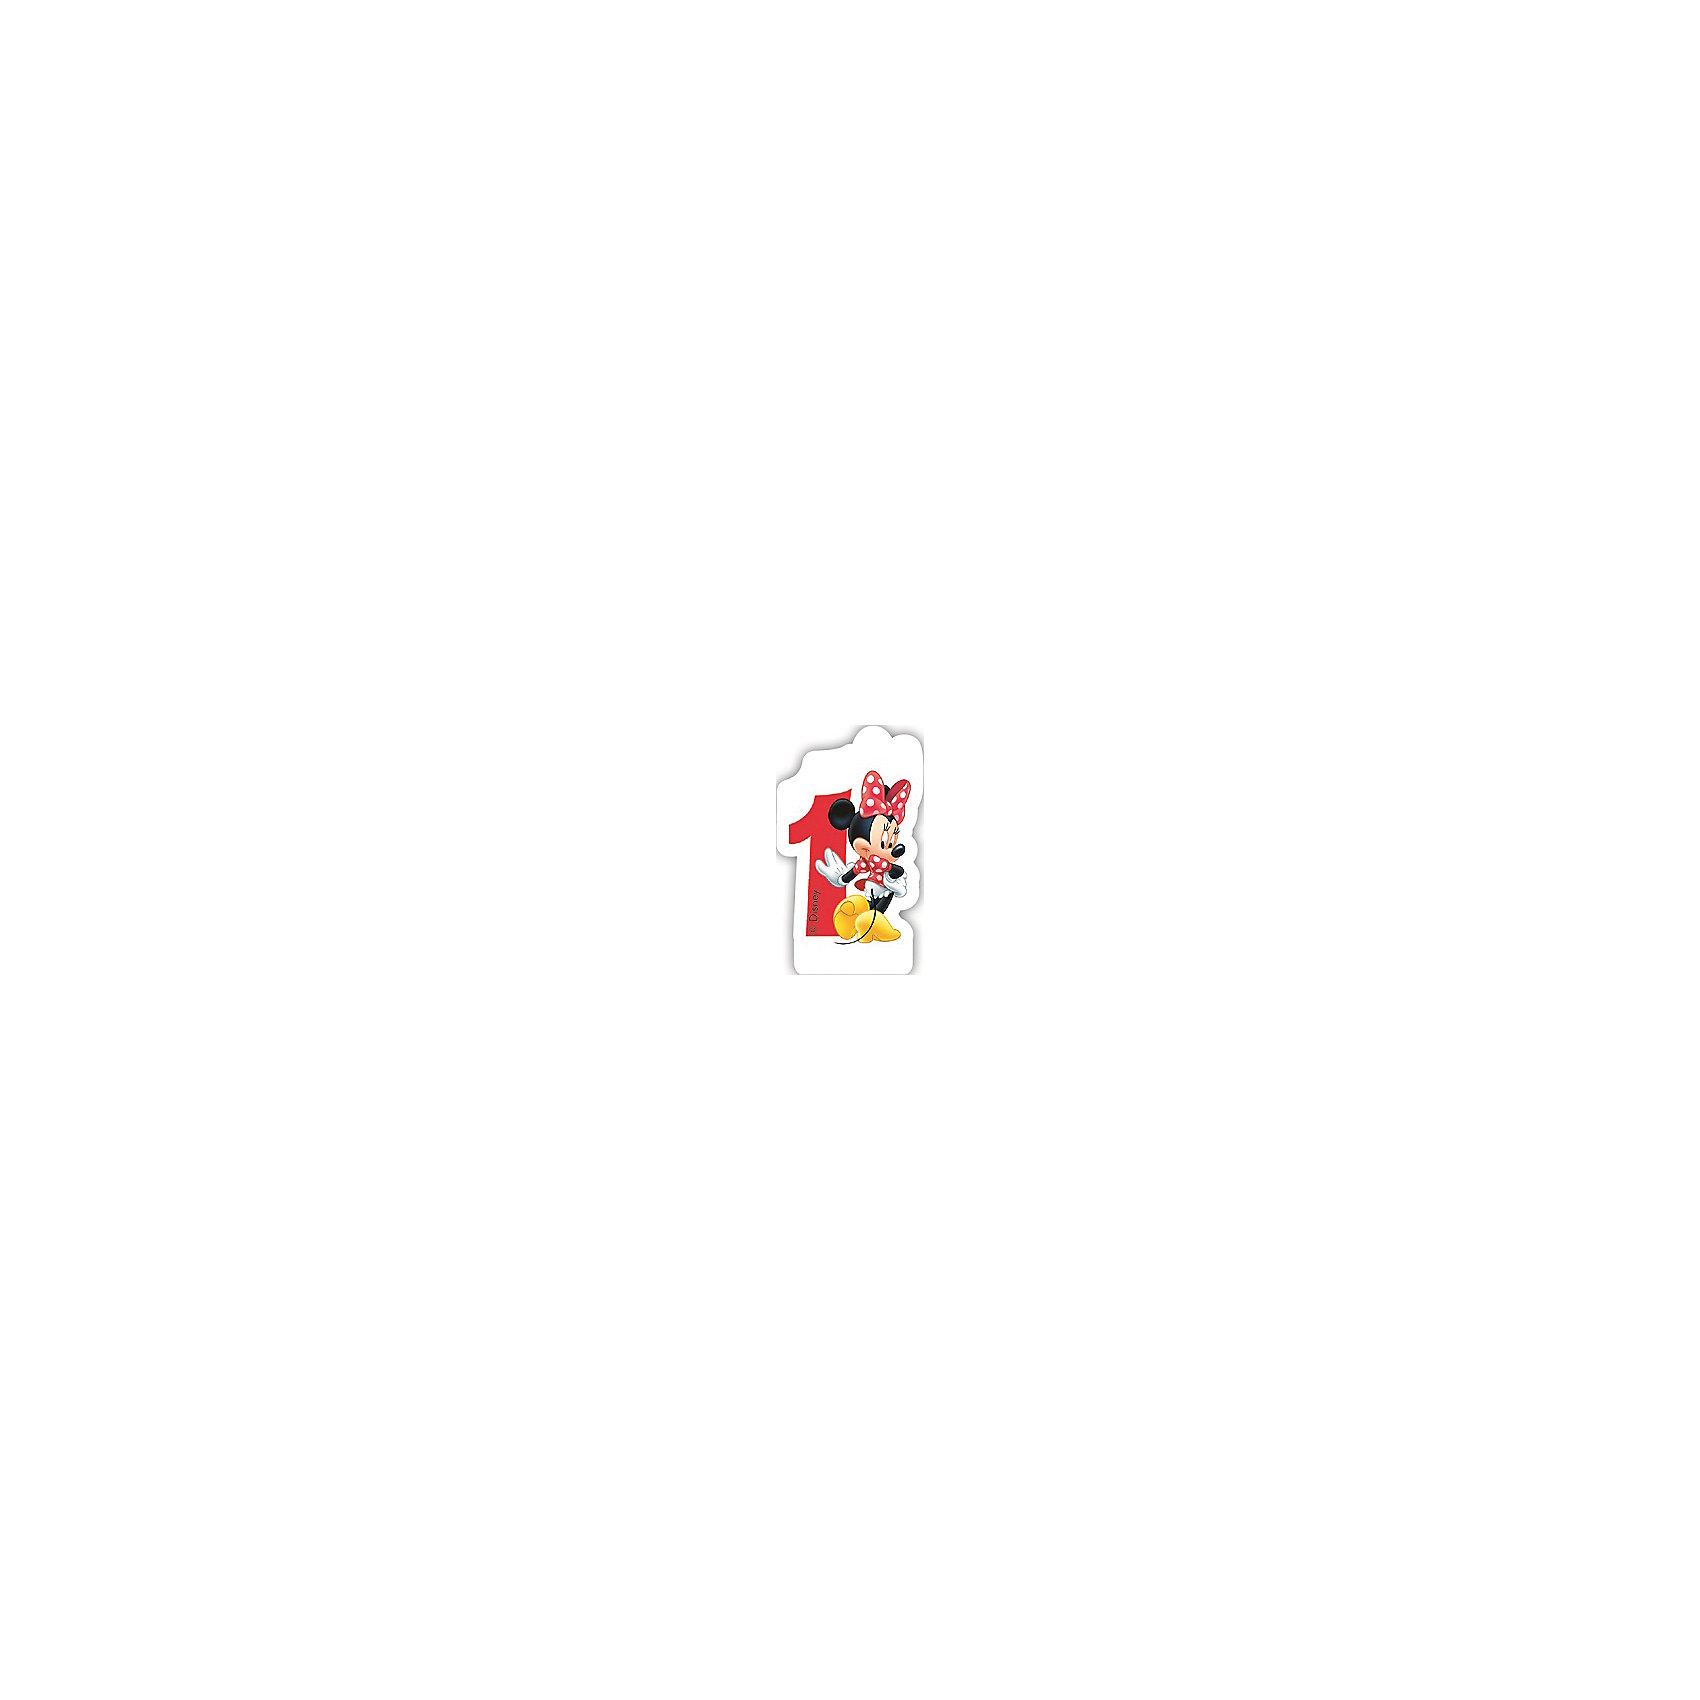 Объемная свечка Кафе Минни 1 годОбъемная свечка Кафе Минни,  украсит праздничный торт Вашей малышки на ее первый День рождения. Свечка выполнена в форме цифры 1 с фигуркой веселой мышки Минни из популярных диснеевских мультфильмов о мышонке Микки-Маусе и его друзьях. Яркая оригинальная свечка создаст волшебную атмосферу и уют на любимом детском празднике.<br><br>Дополнительная информация:<br><br>- Материал: парафин. <br>- Размер упаковки: 1,5 х 8 х 12 см.<br>- Вес: 150 гр. <br><br>Объемную свечку Кафе Минни 1 год можно купить в нашем интернет-магазине.<br><br>Ширина мм: 26<br>Глубина мм: 88<br>Высота мм: 130<br>Вес г: 150<br>Возраст от месяцев: 36<br>Возраст до месяцев: 84<br>Пол: Женский<br>Возраст: Детский<br>SKU: 4008396